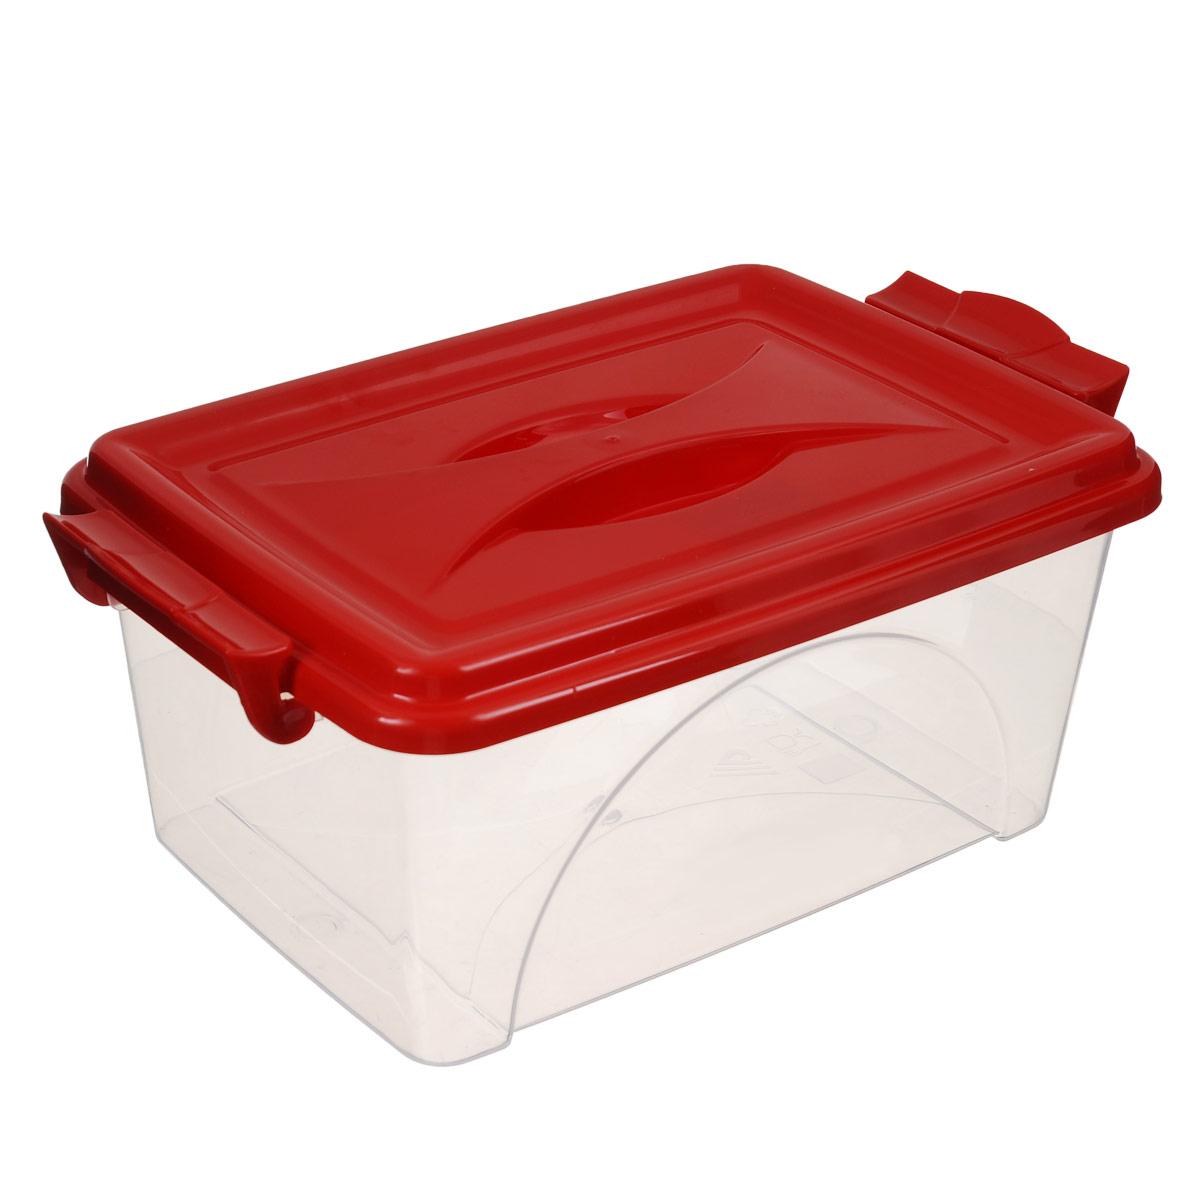 Контейнер Альтернатива, цвет: красный, 30,5 х 20 х 13,5 см10503Контейнер Альтернатива выполнен из прочного пластика. Он предназначен для хранения различных мелких вещей. Крышка легко открывается и плотно закрывается. Прозрачные стенки позволяют видеть содержимое. По бокам предусмотрены две удобные ручки, с помощью которых контейнер закрывается.Контейнер поможет хранить все в одном месте, а также защитить вещи от пыли, грязи и влаги.